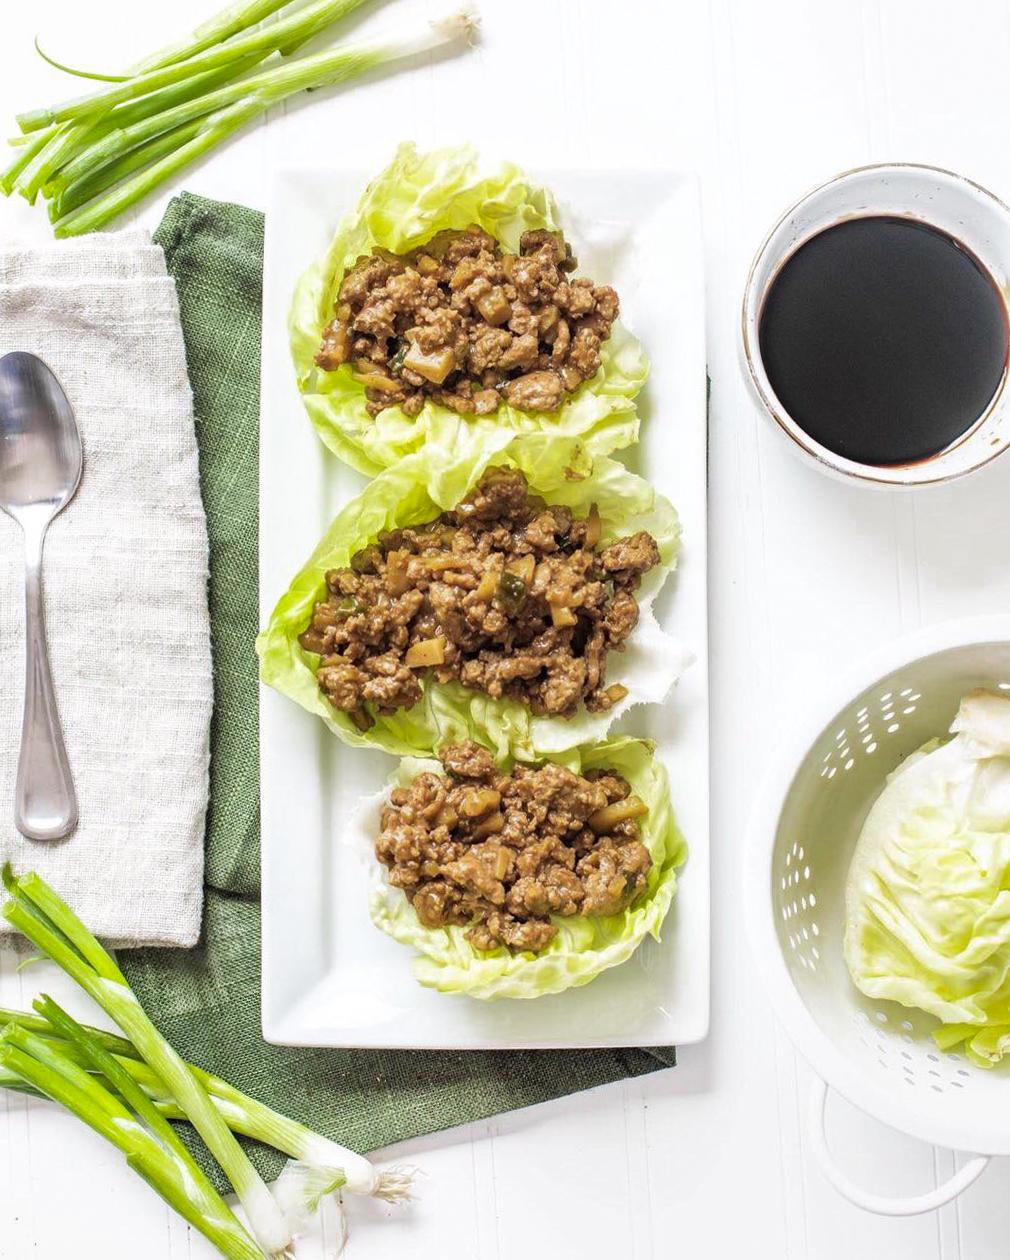 Teriyaki Lettuce Wraps | The Modern Life Mrs